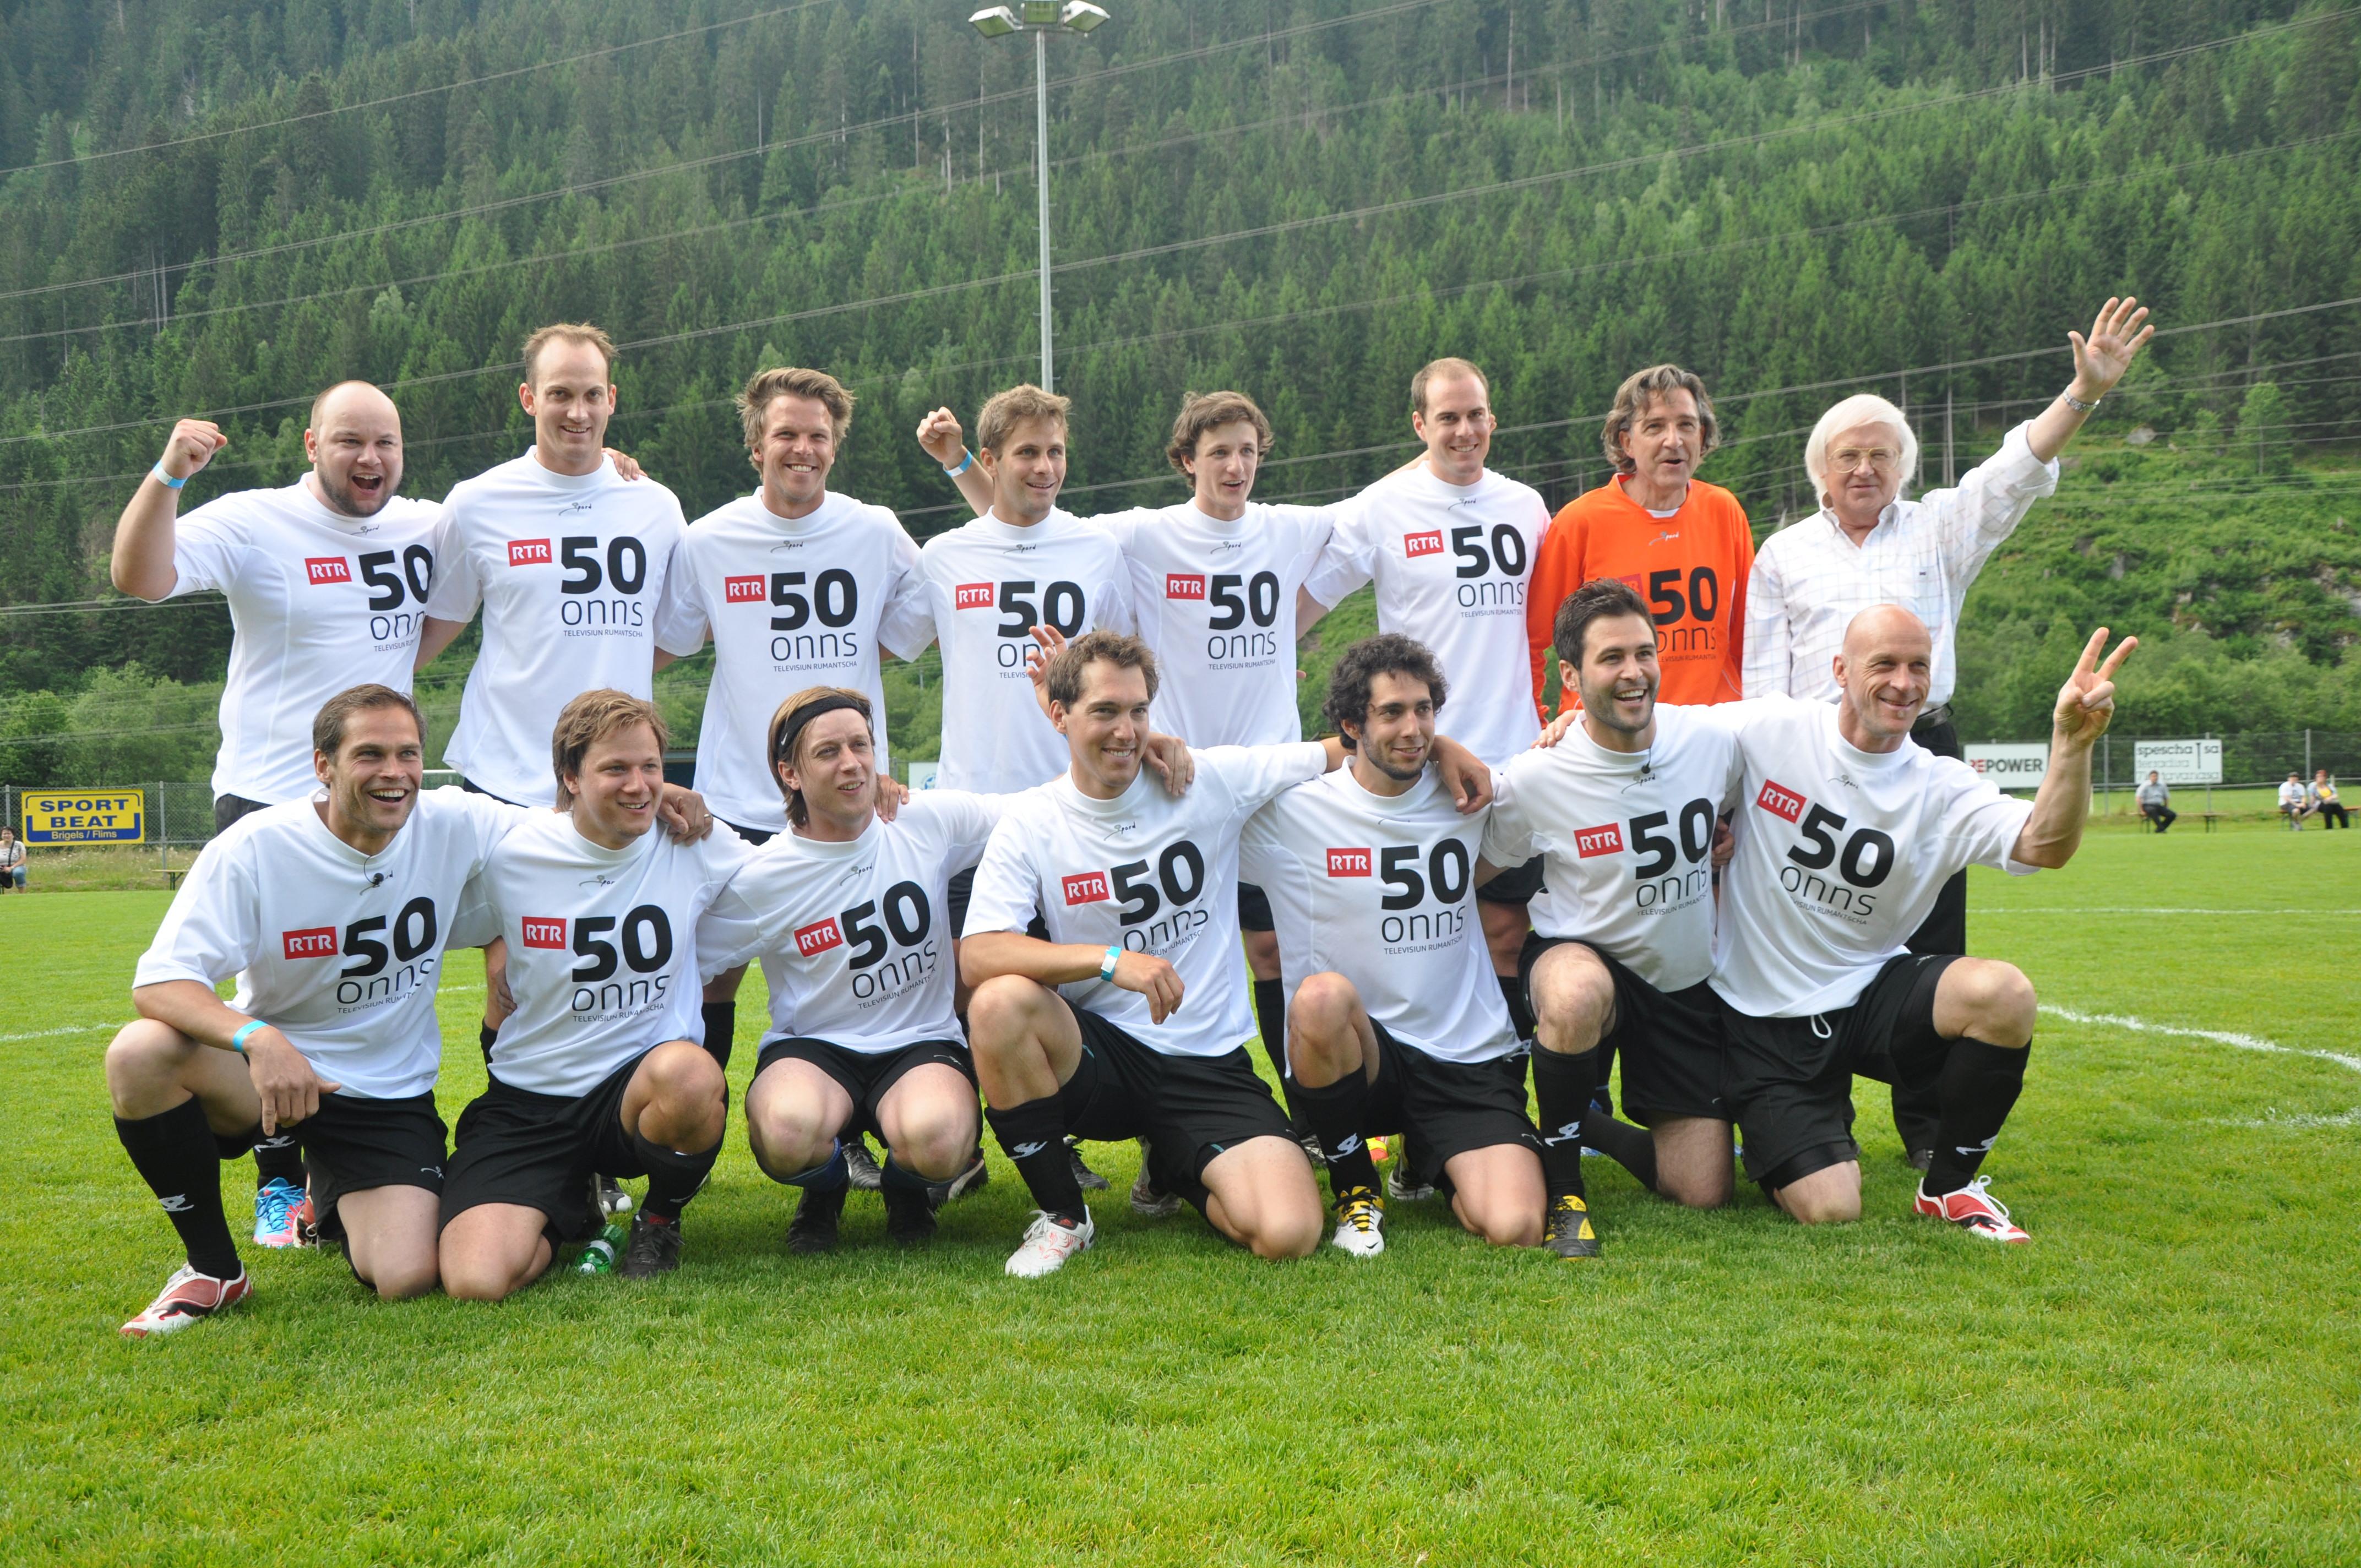 L'equipa da prominents grischuns, trenada da Gilbert Gress.